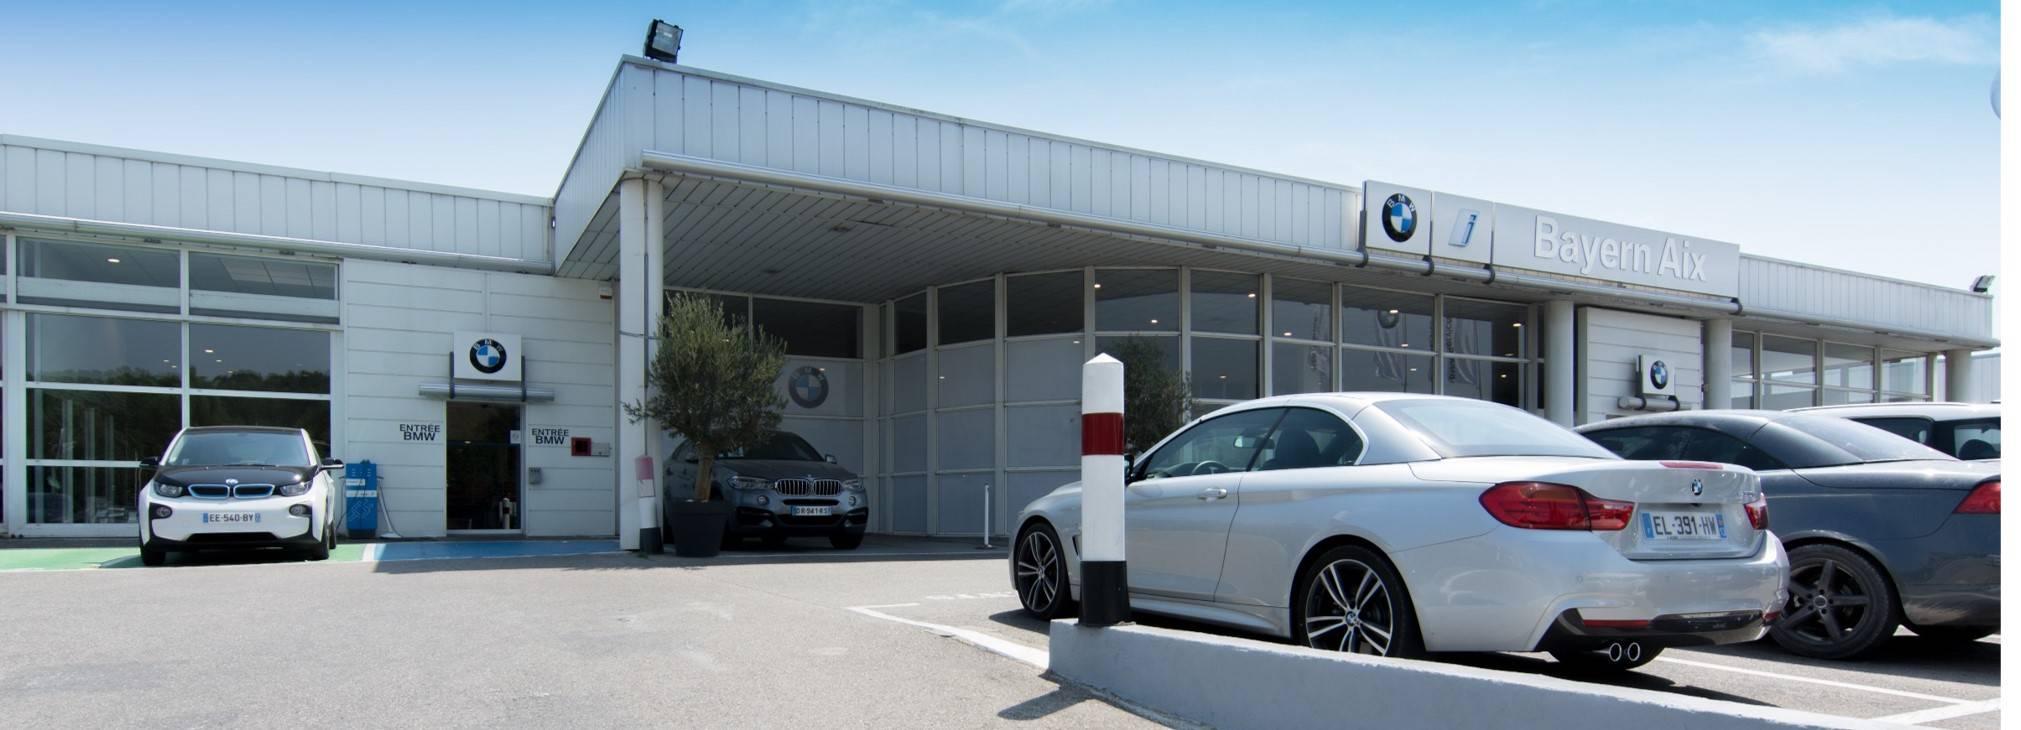 Bmw aix en provence concessionnaire garage bouches for Garage bmw moto aix en provence